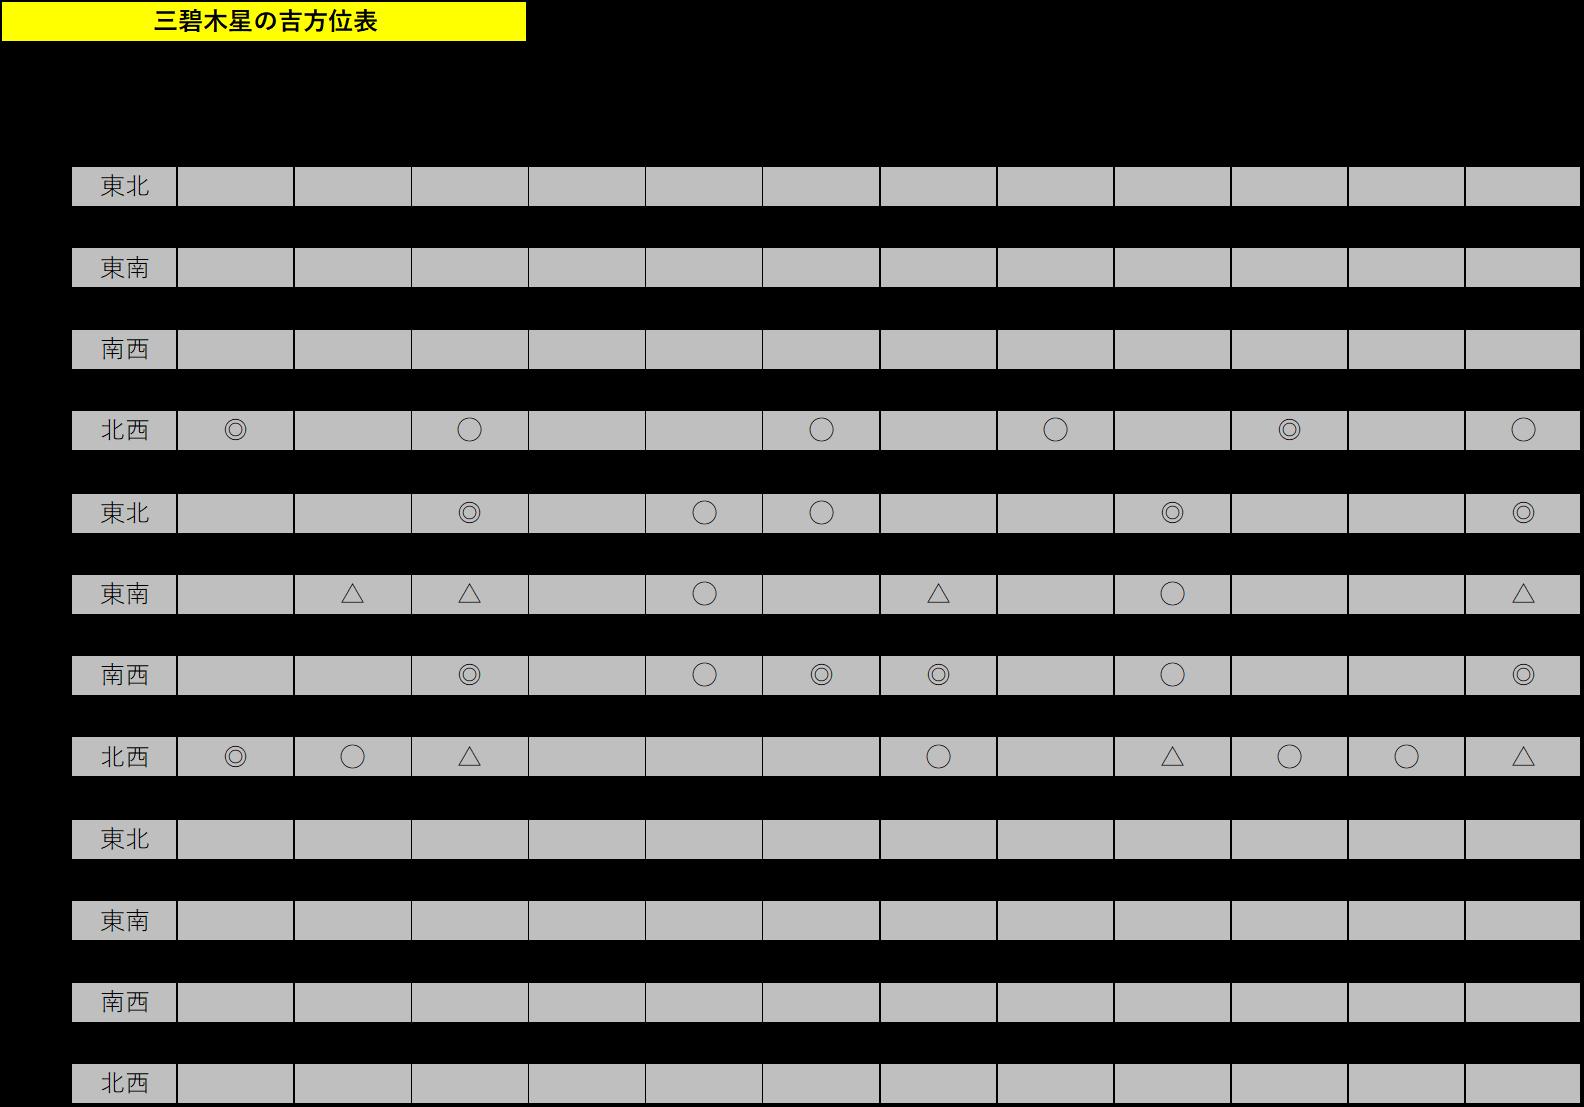 三碧木星の吉方位表